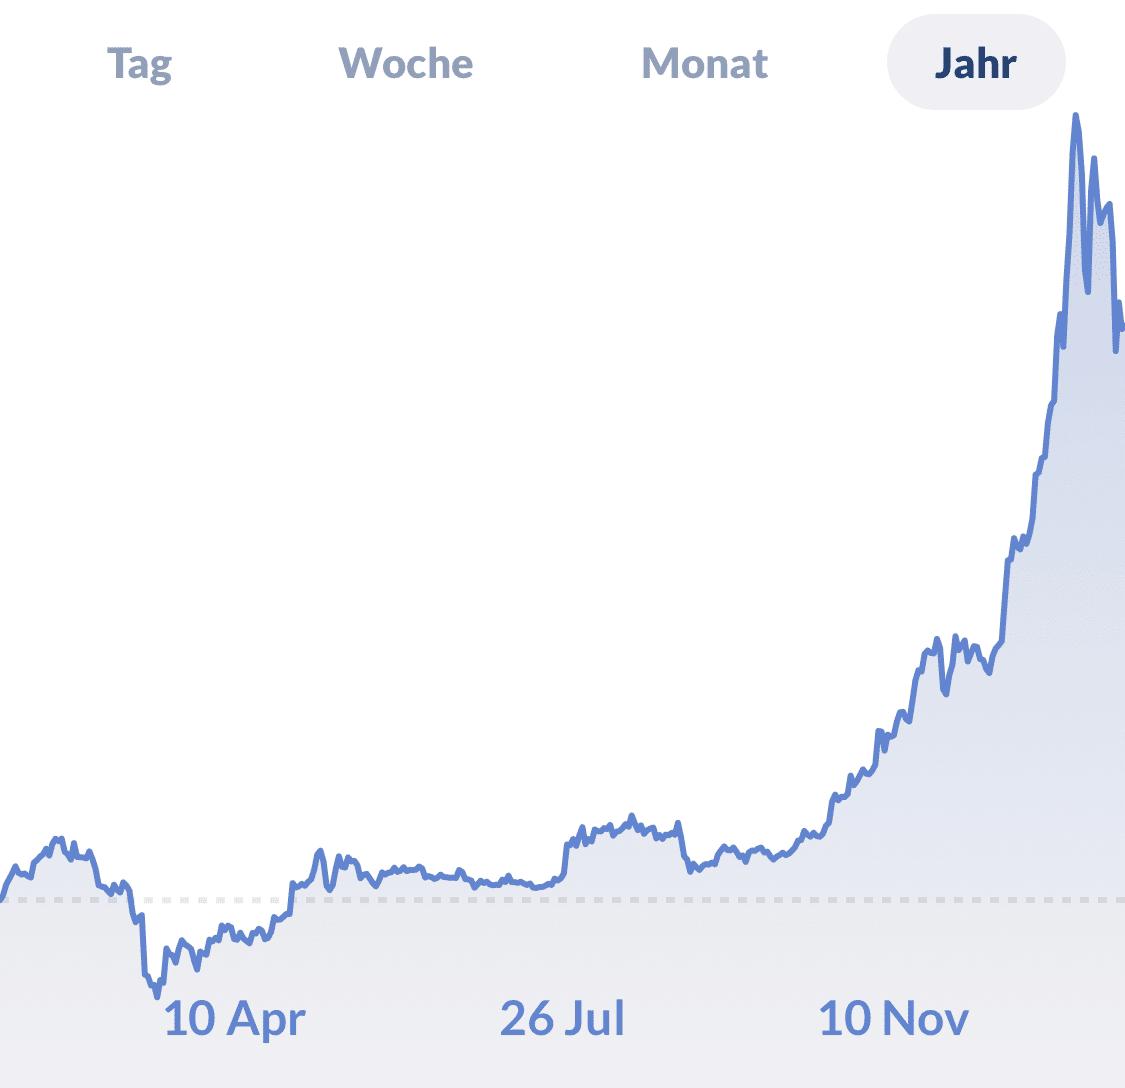 Das ist der eigentliche Grund warum PayPal ins Geschäft mit Bitcoin und Co. einsteigt